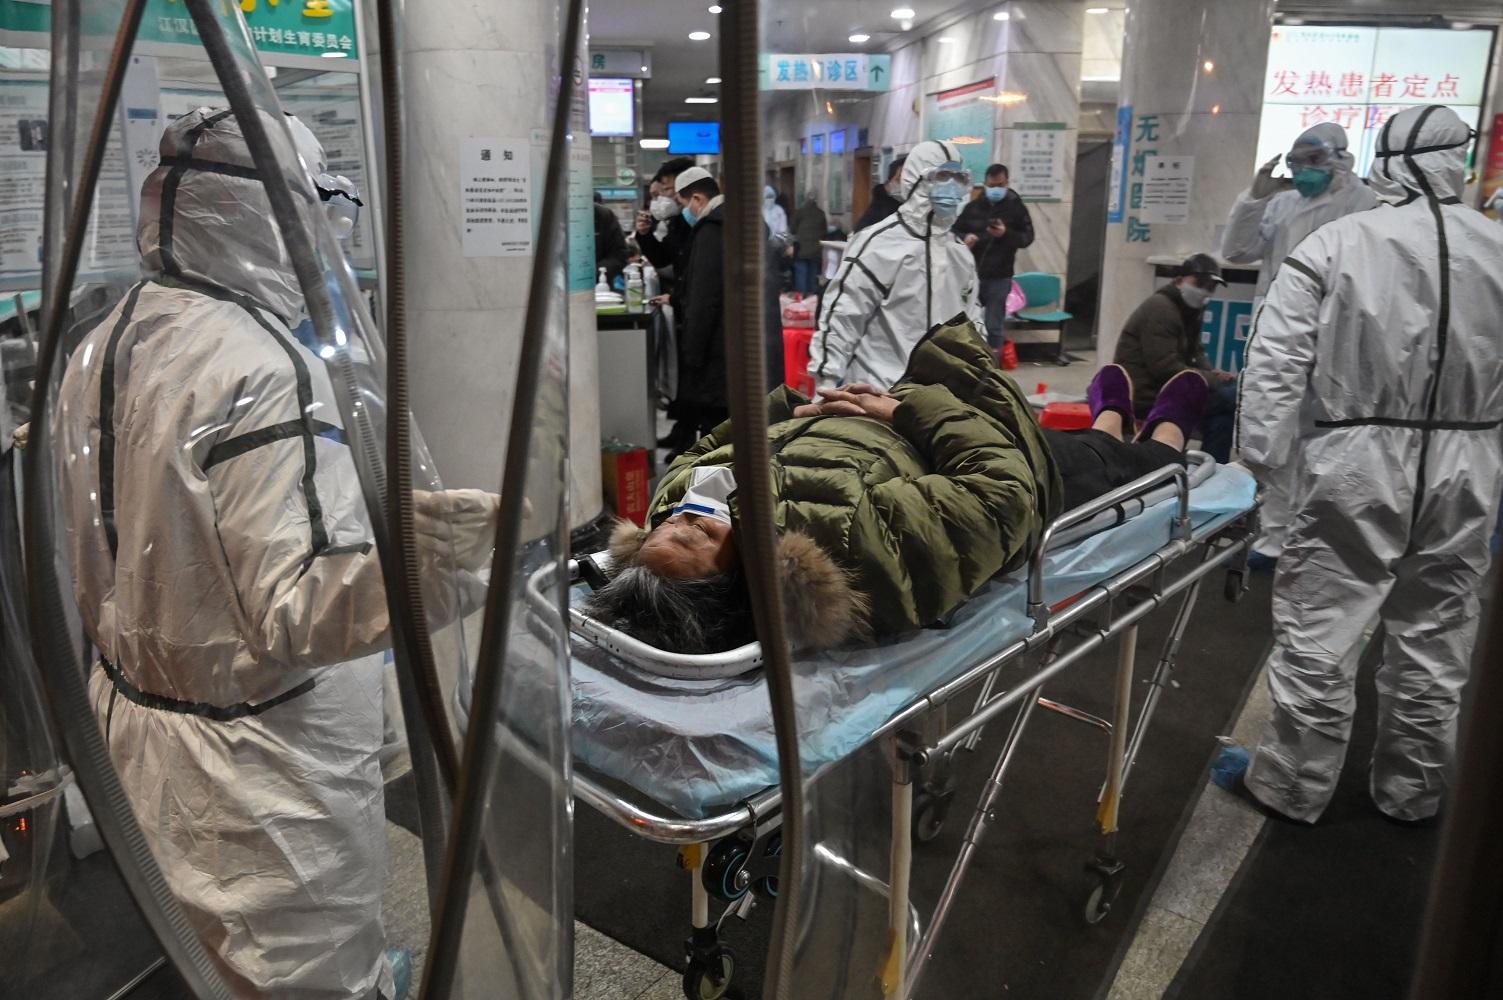 Wuhan's Quarantine May Not Contain the Coronavirus